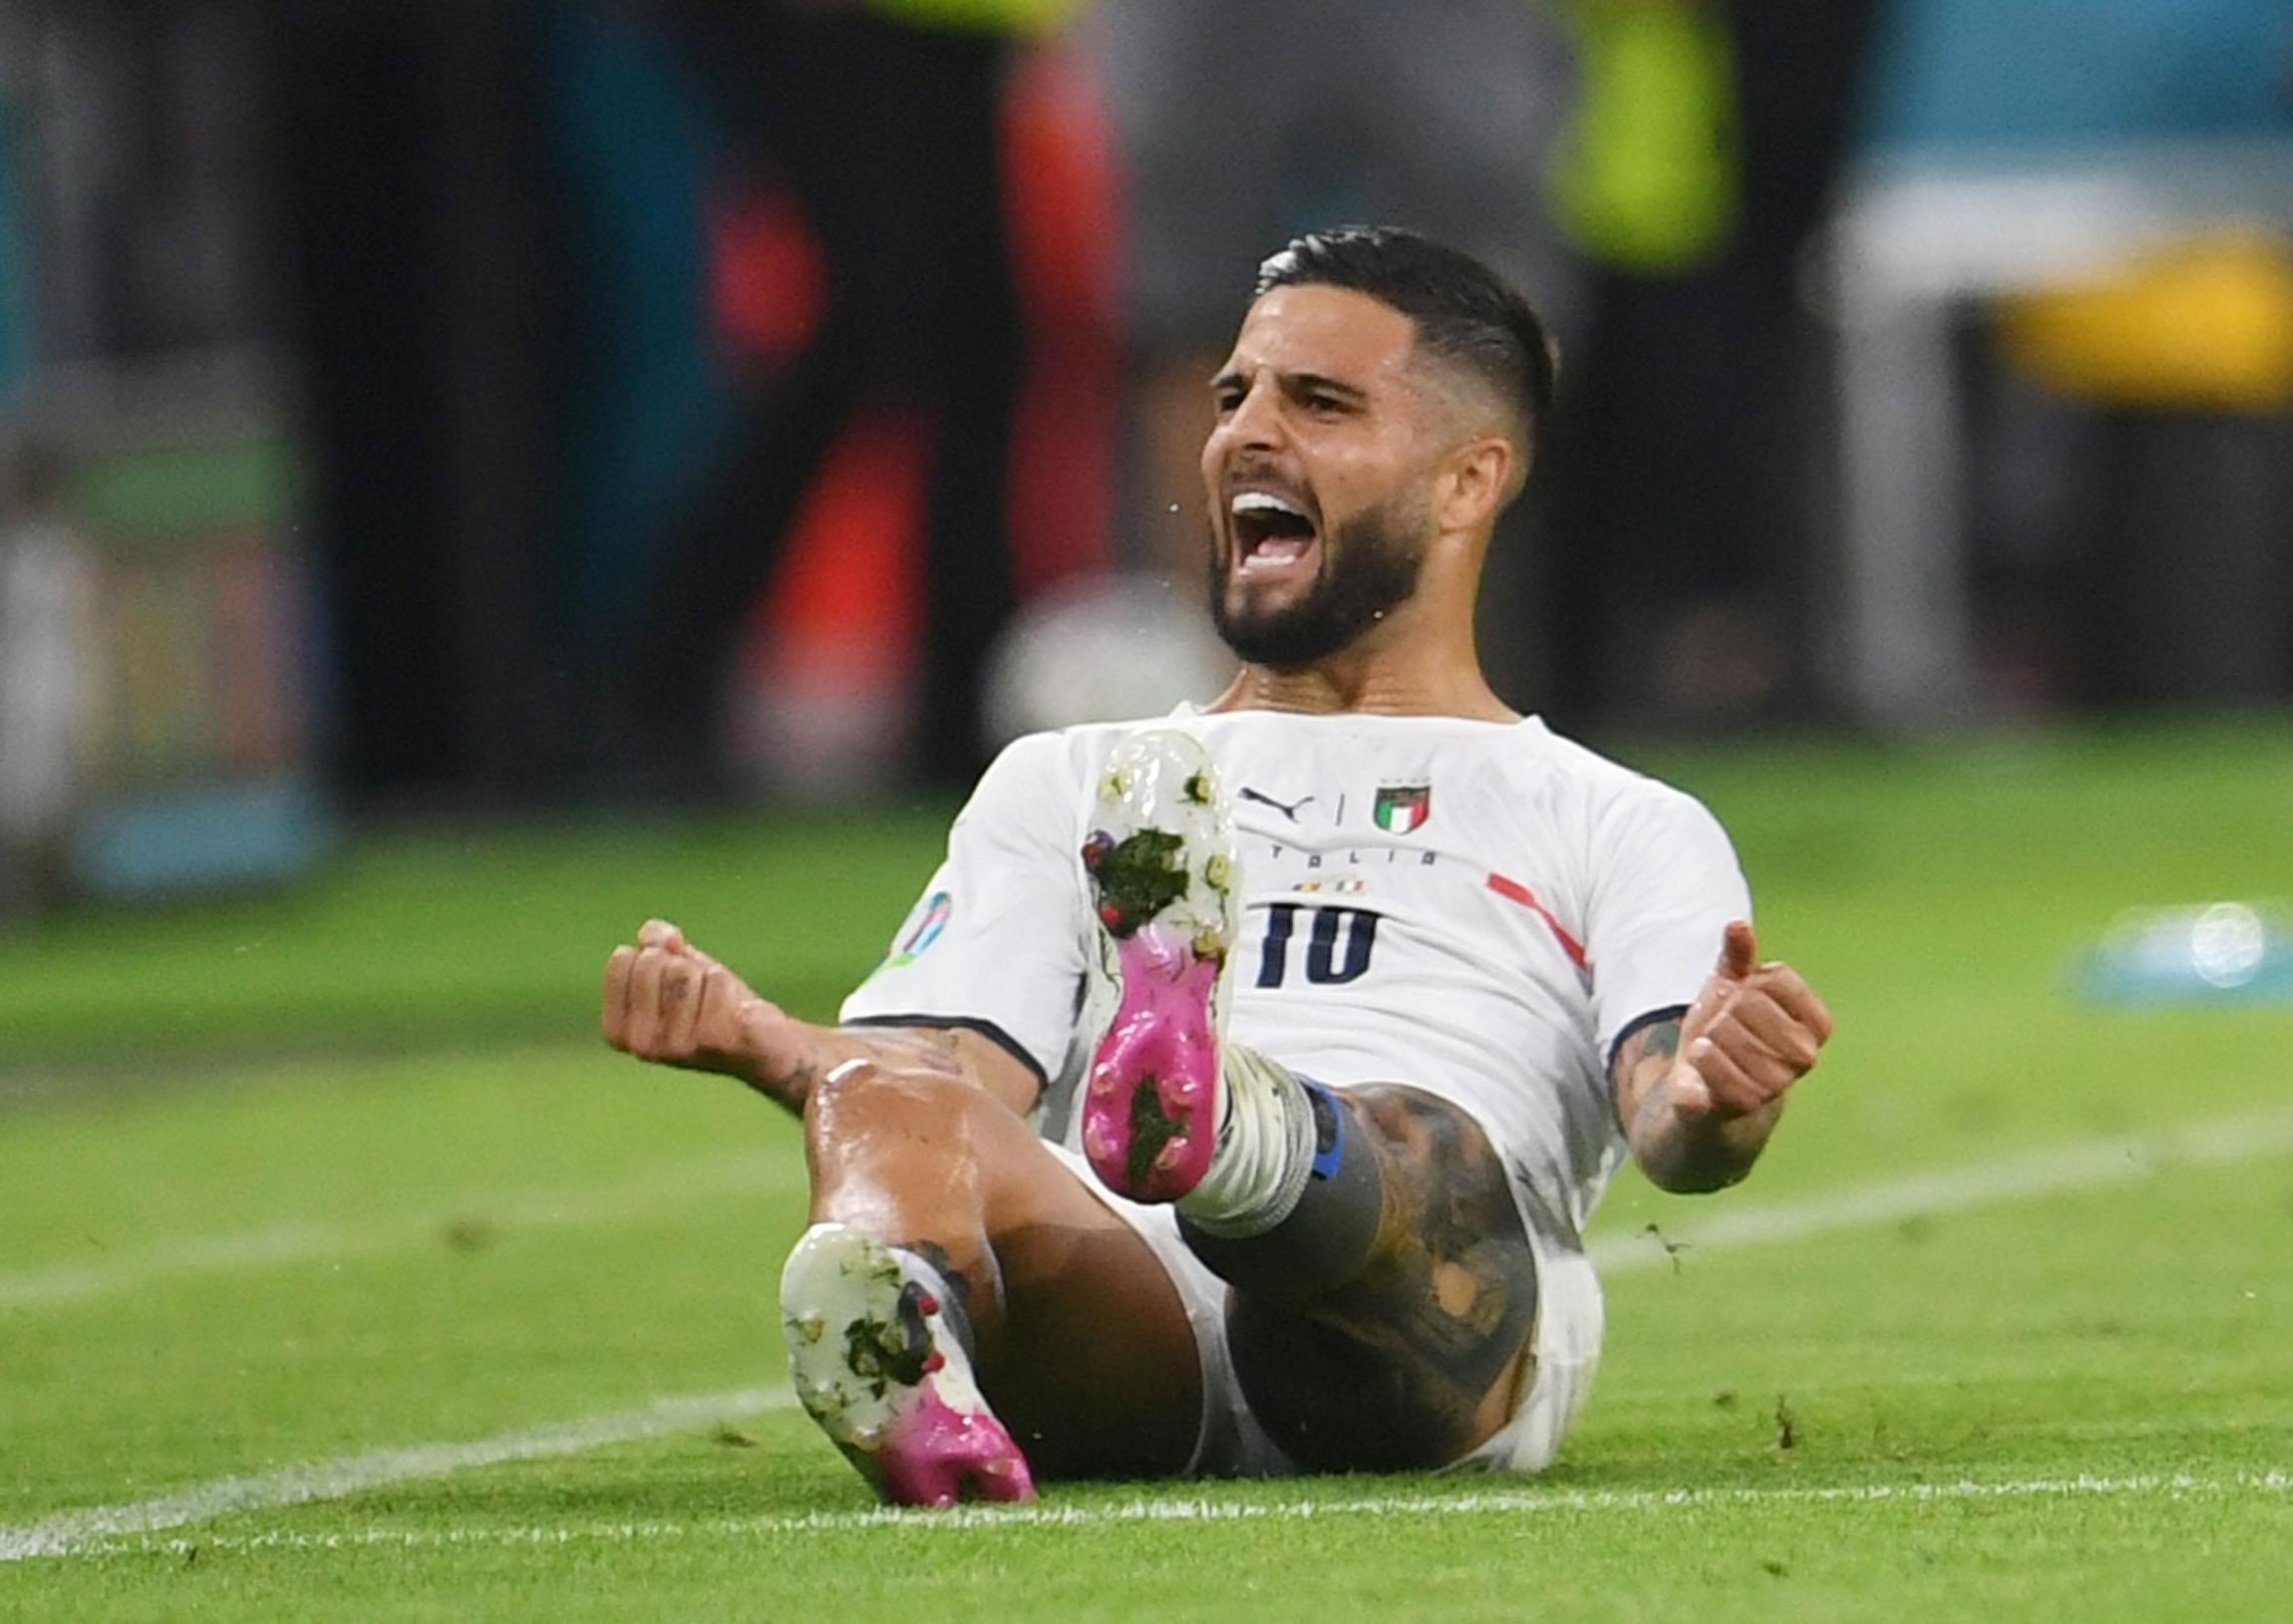 Euro 2020, Βέλγιο – Ιταλία: Το αδιανόητο γκολ του Ινσίνιε